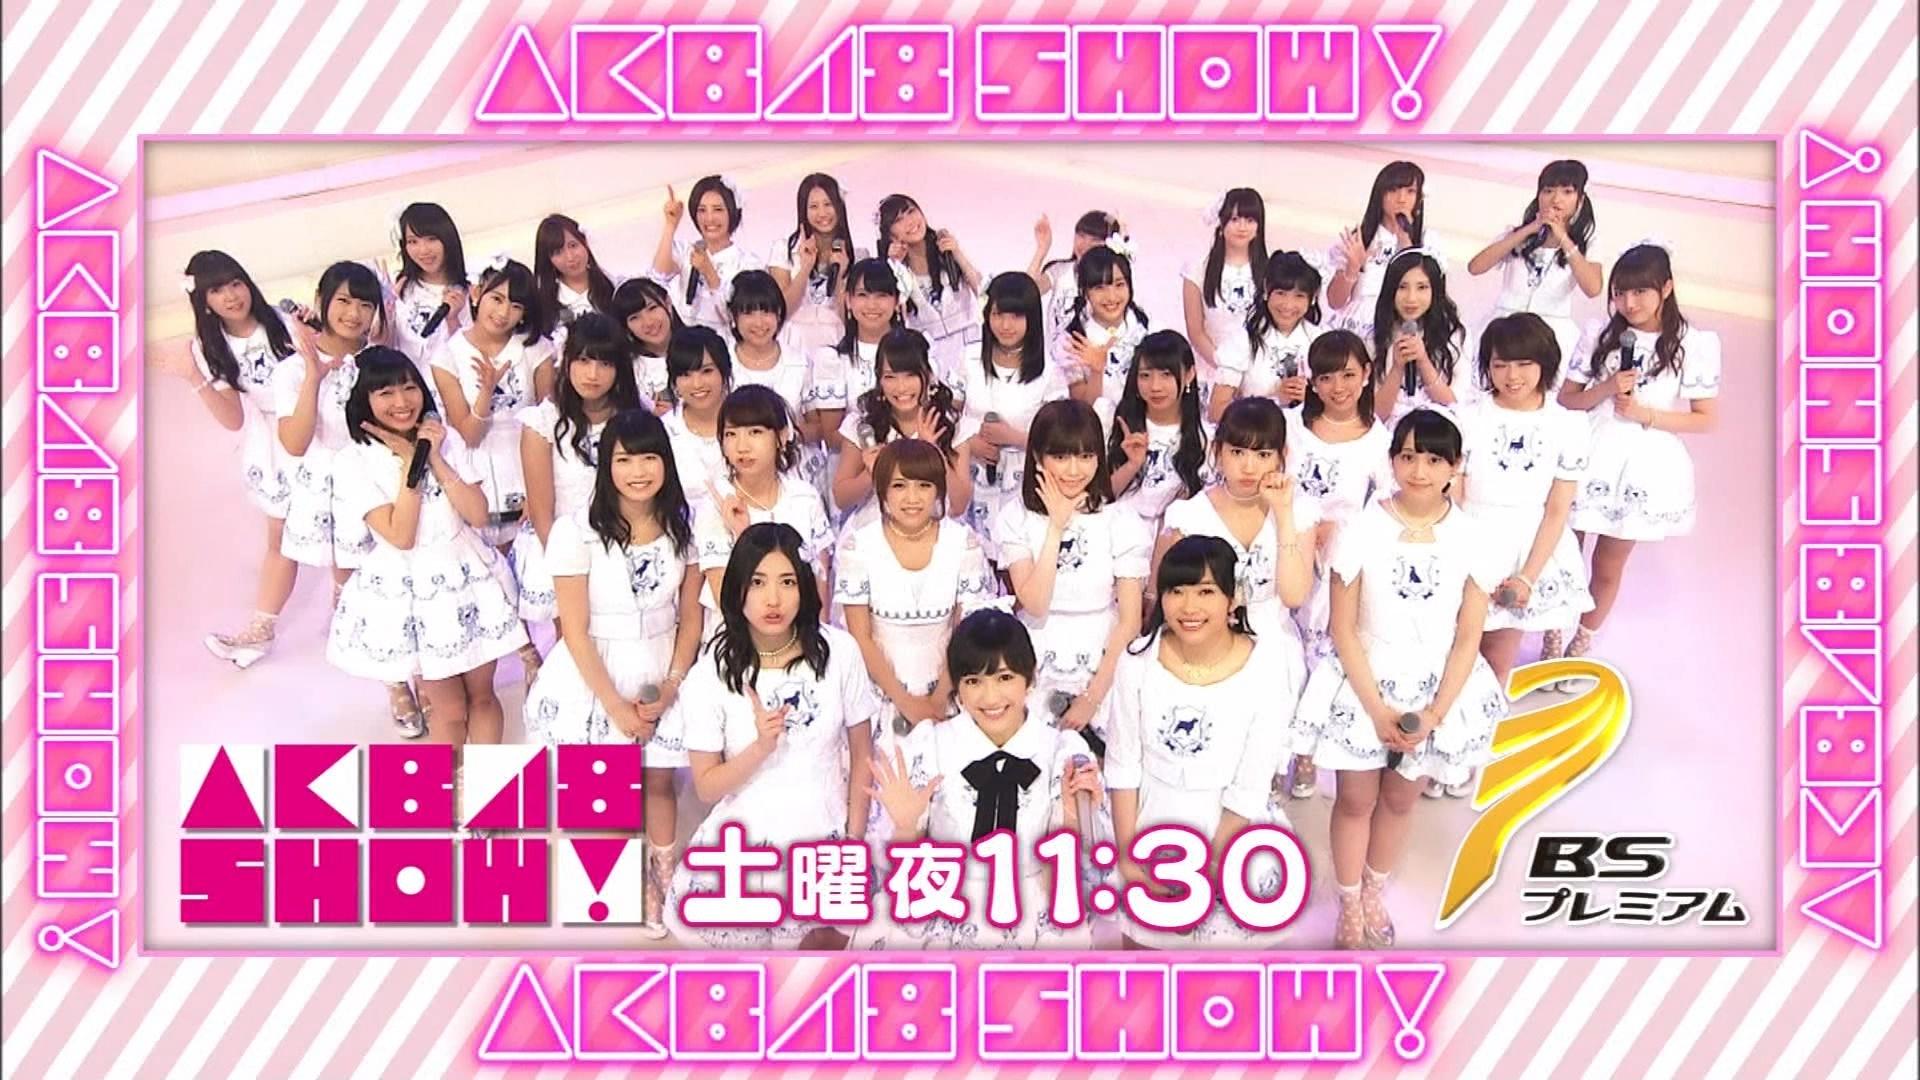 渡辺麻友SHOW!予告 AKB48SHOW! 20140906 (21)